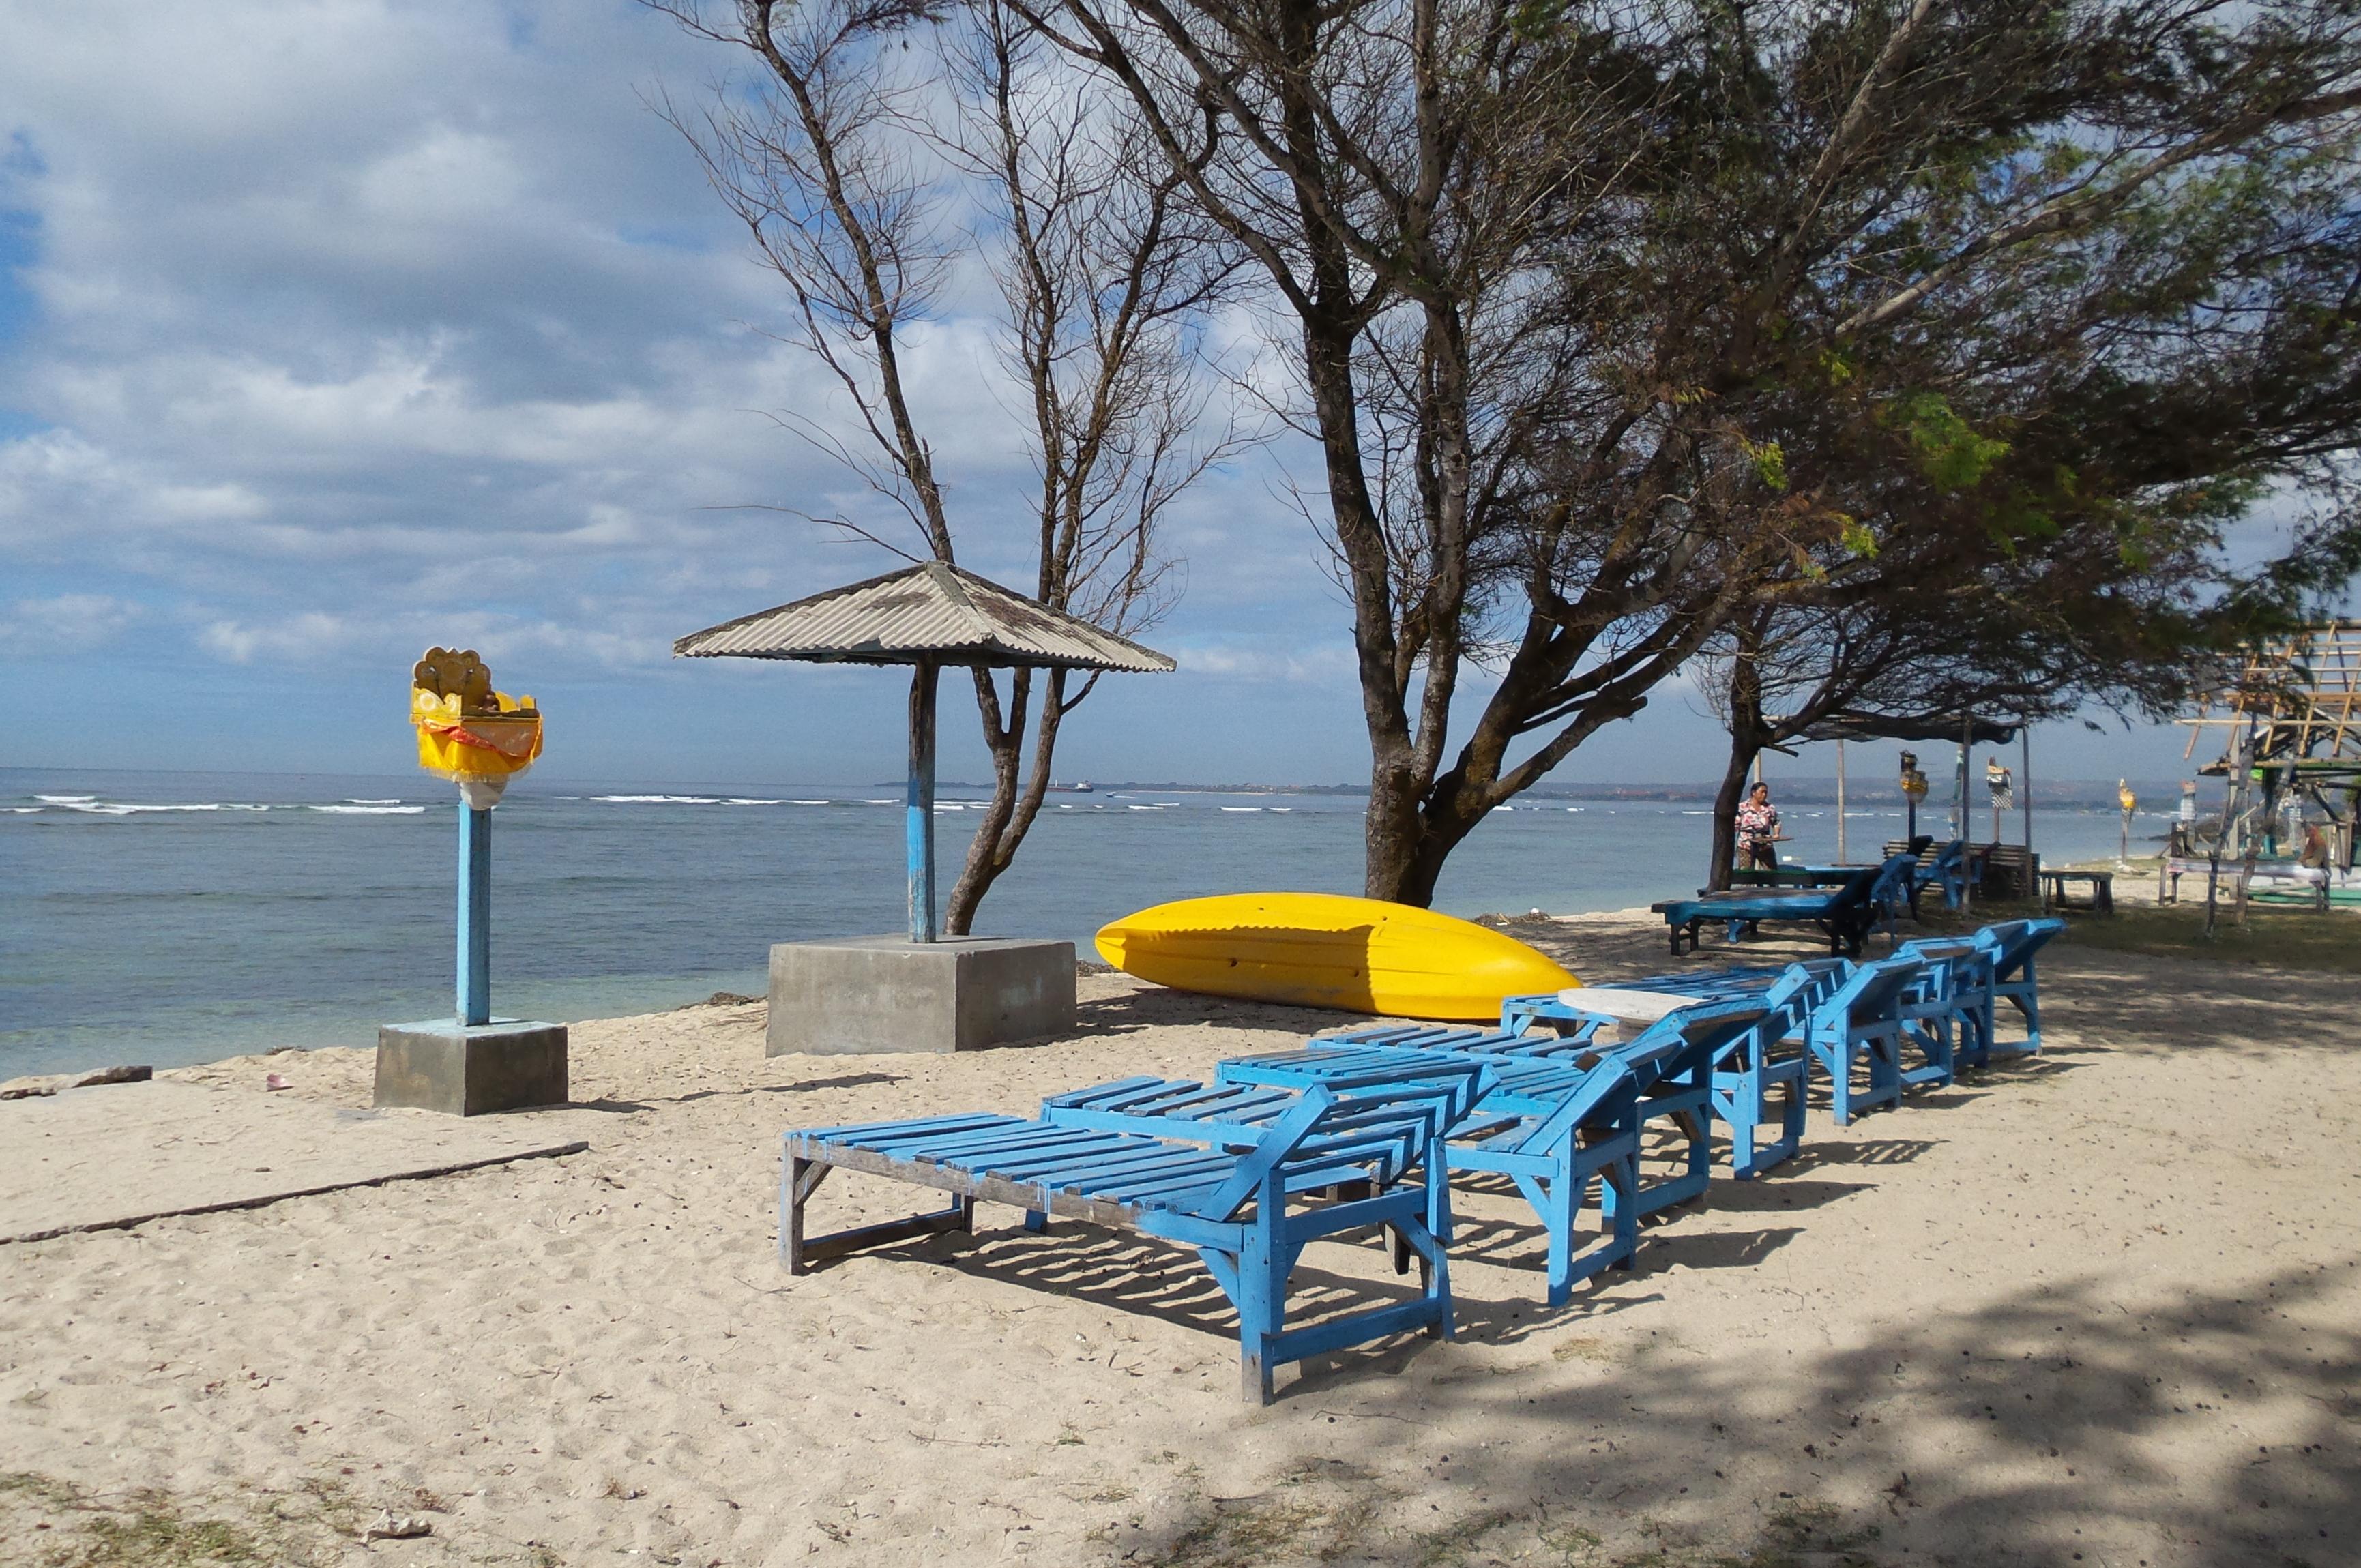 Pulau Serangan Bali Kura Guide Mungkin Mendengar Sebagai Penyu Rumah